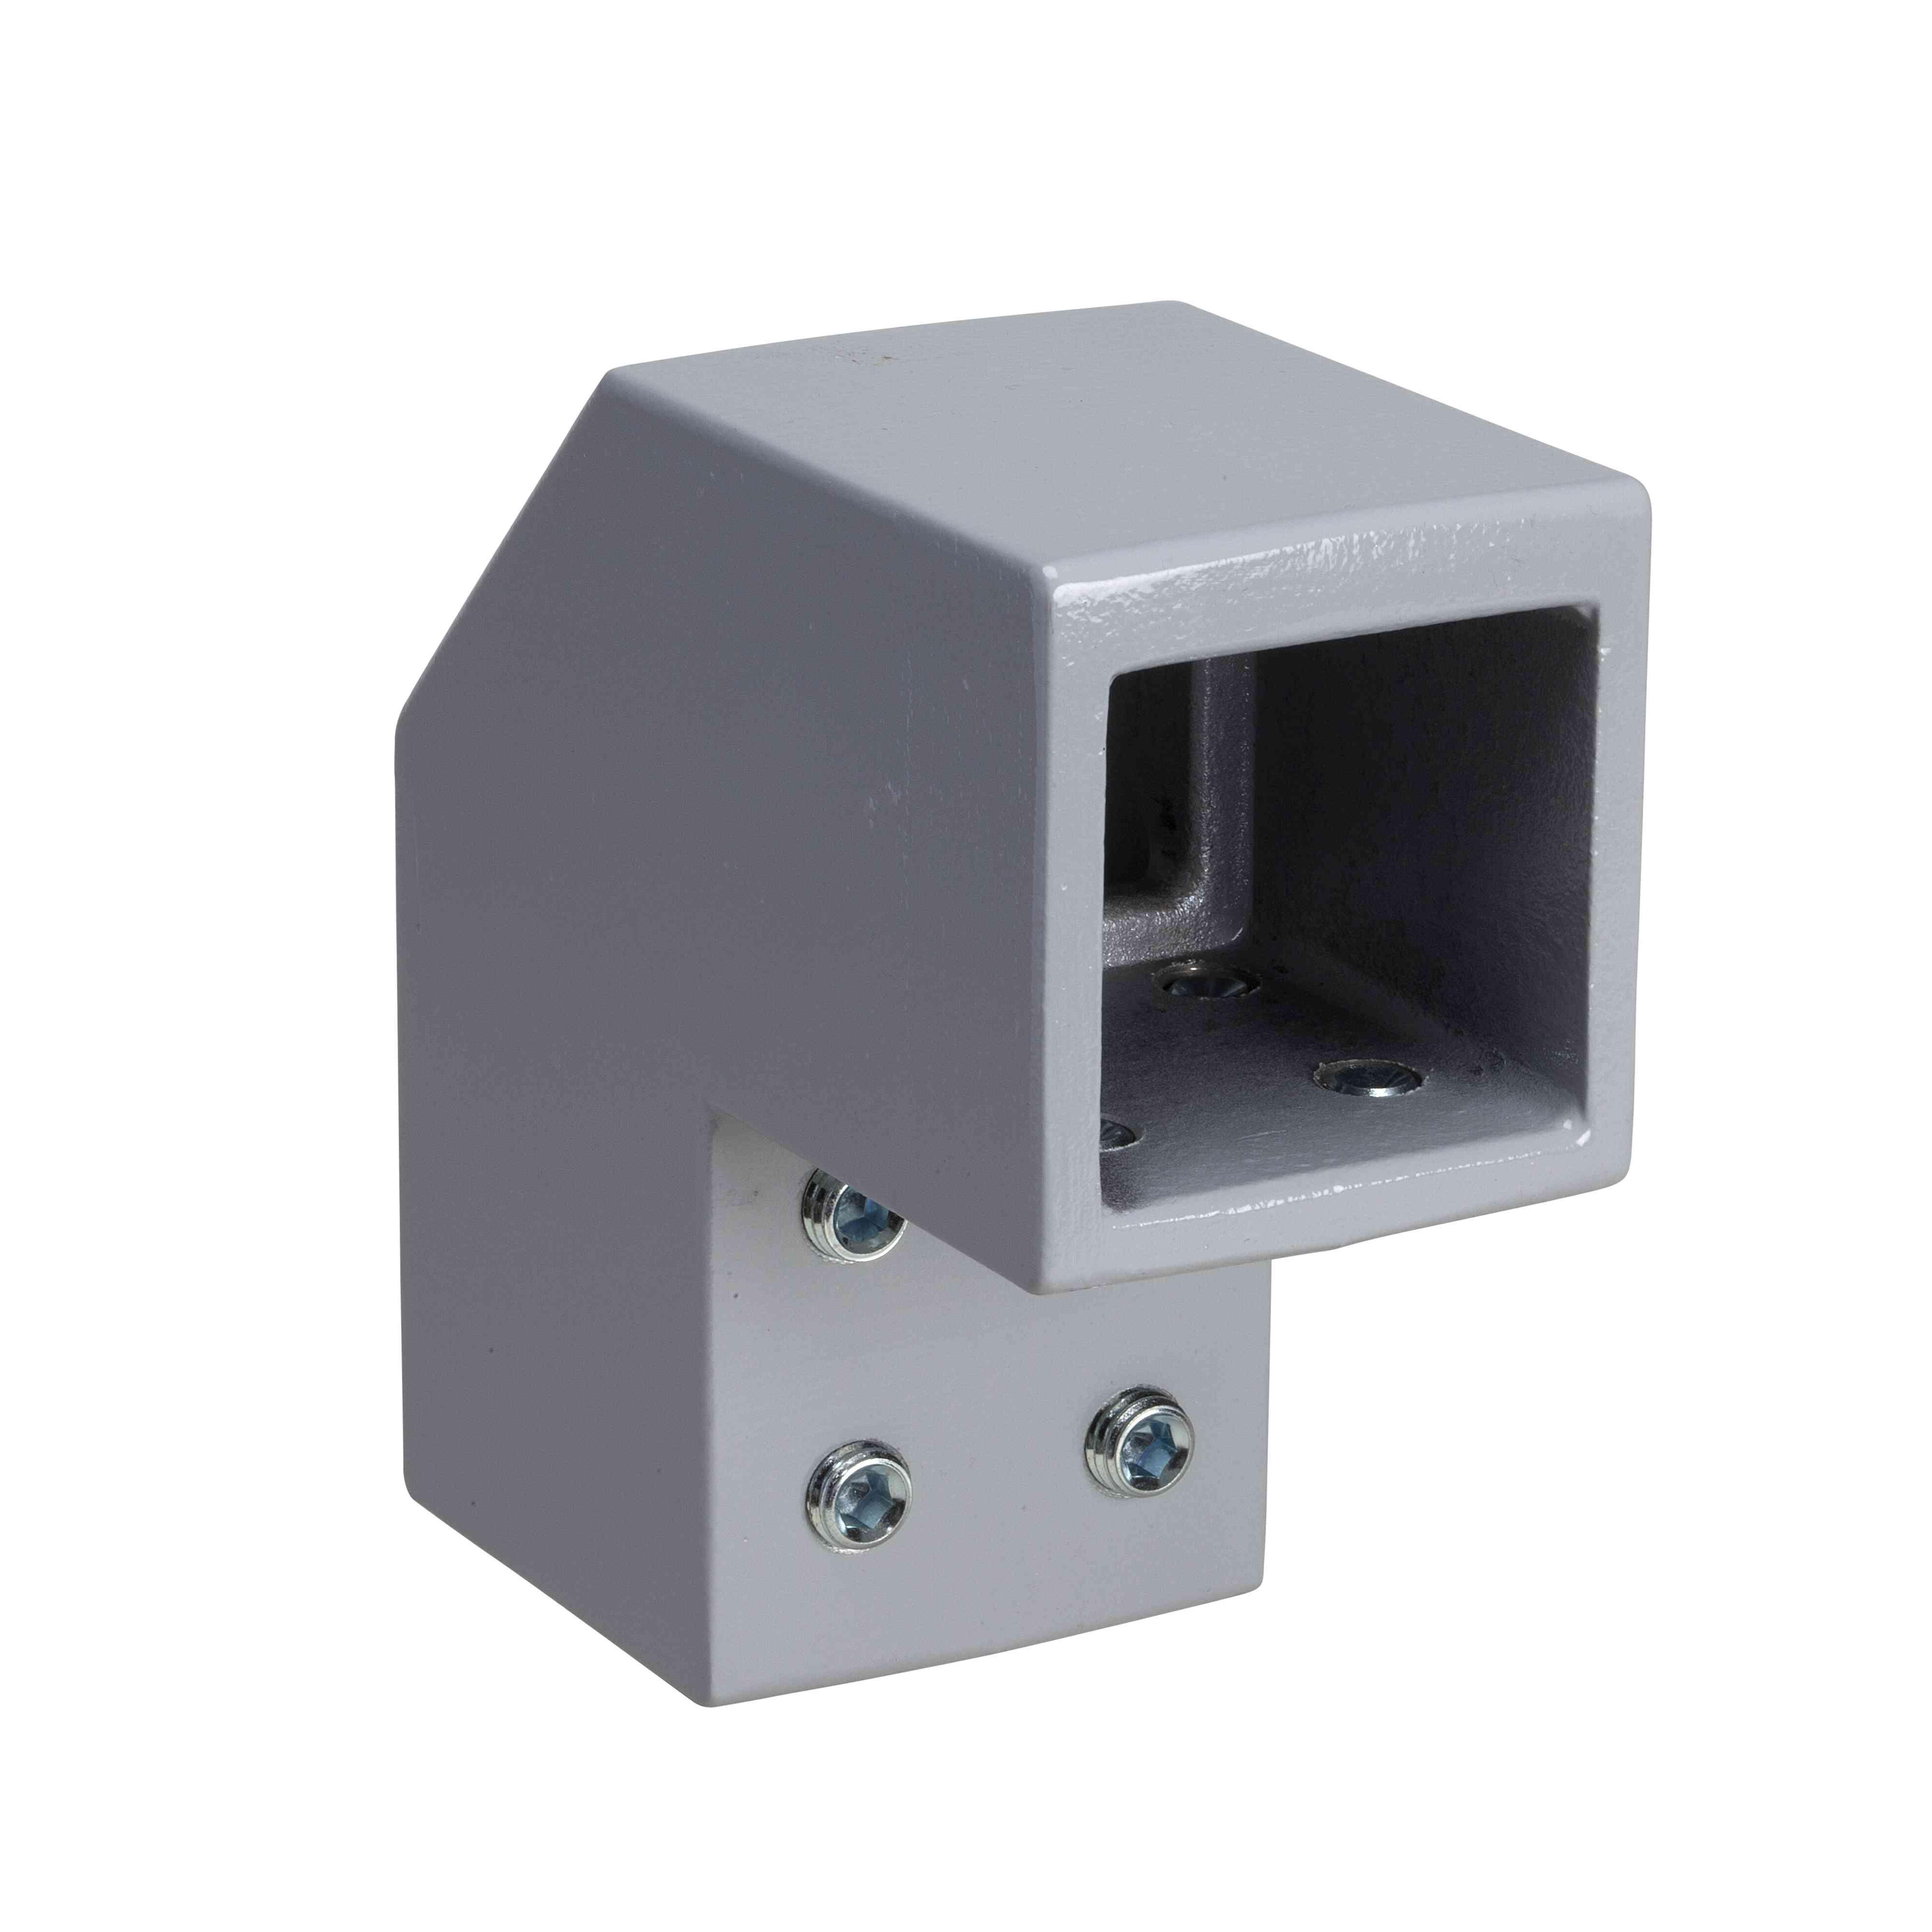 Fiksni nosilec, kvadraten 80 mm RAL 7040. Za omaro SPACIAL S3CM HMI